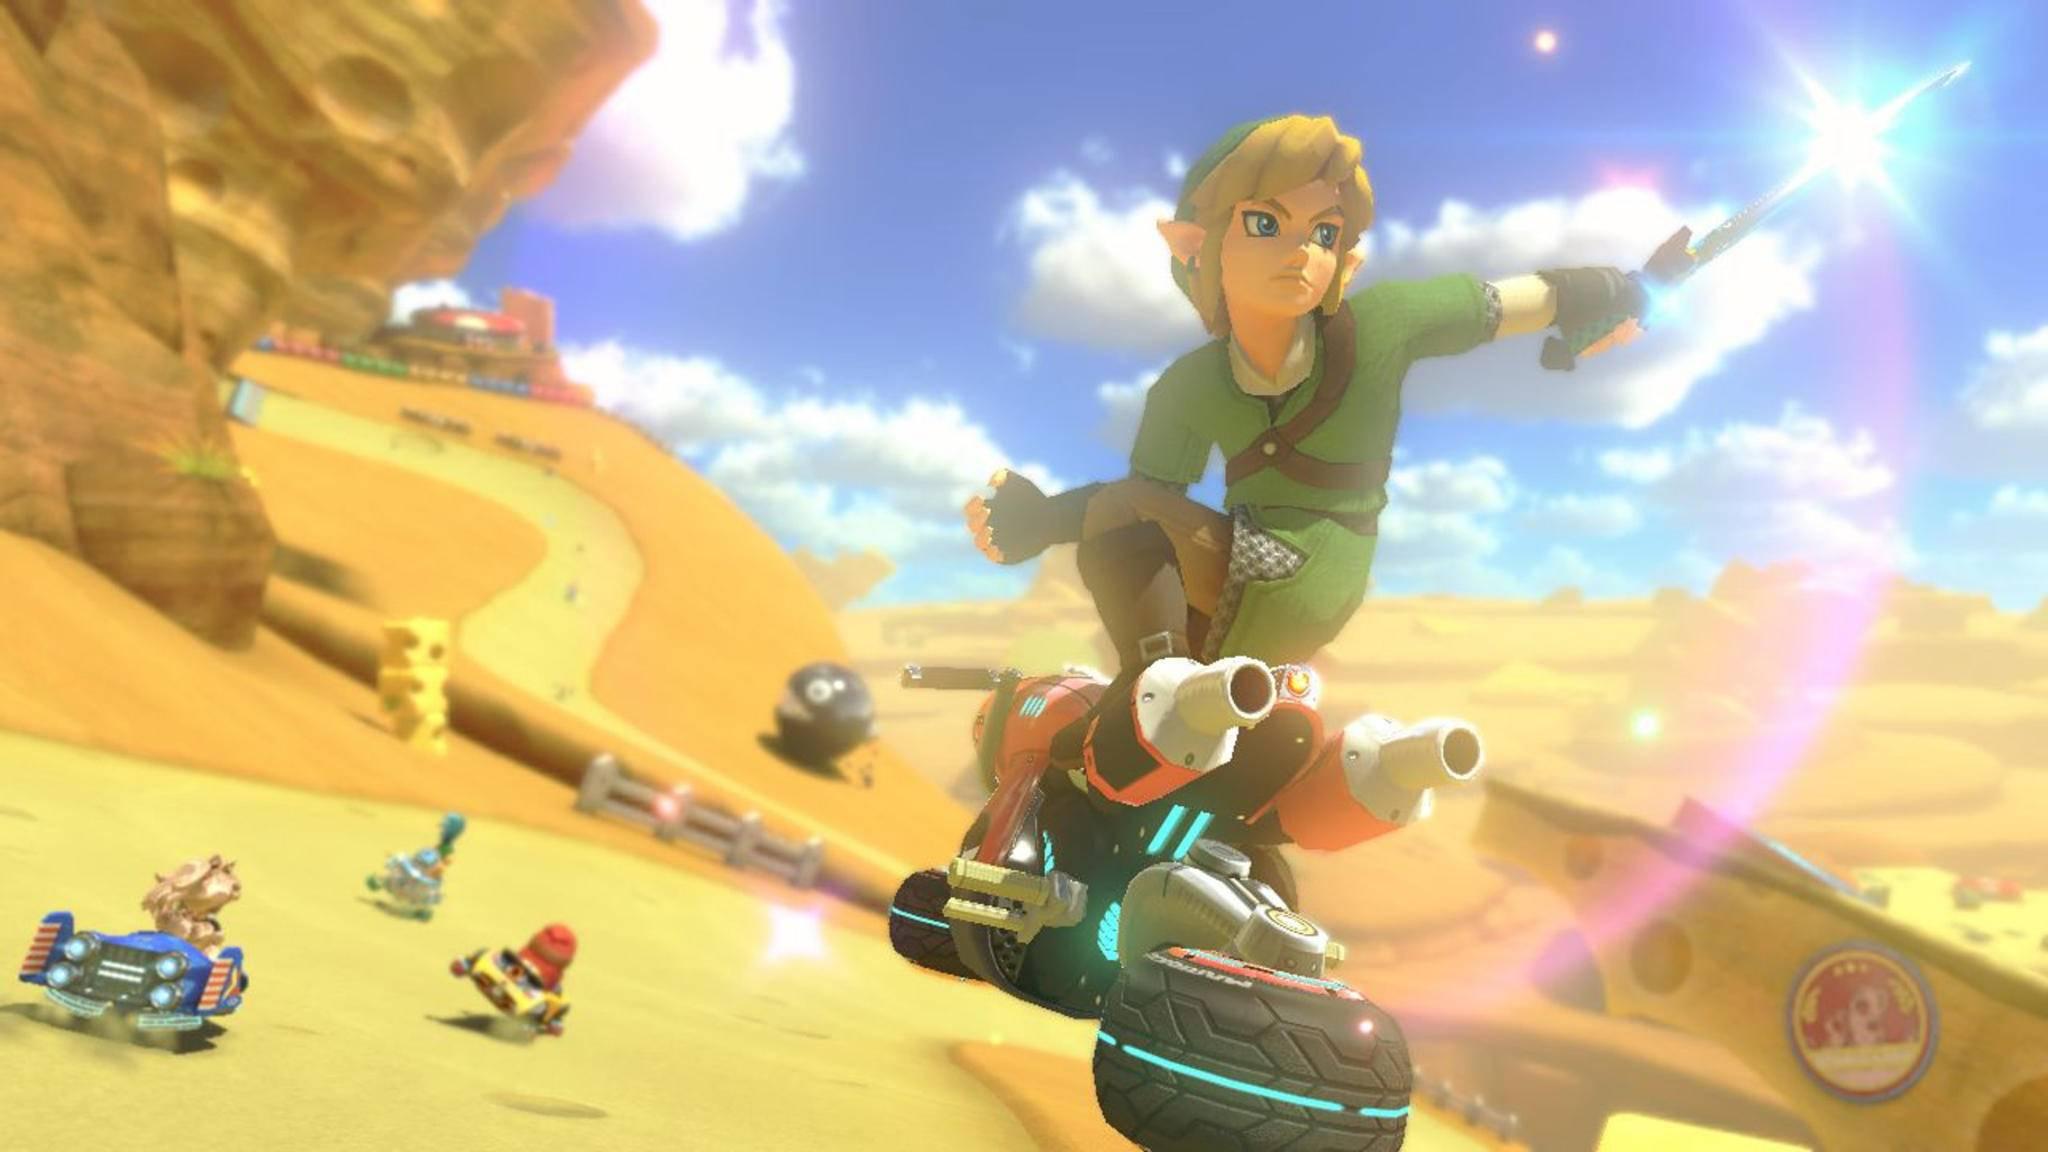 """Die Kart-Designs in """"Mario Kart 8 Deluxe"""" reichen von klassisch bis skurril. Ein goldenes Kart ist da noch eines der gewöhnlicheren Modelle."""